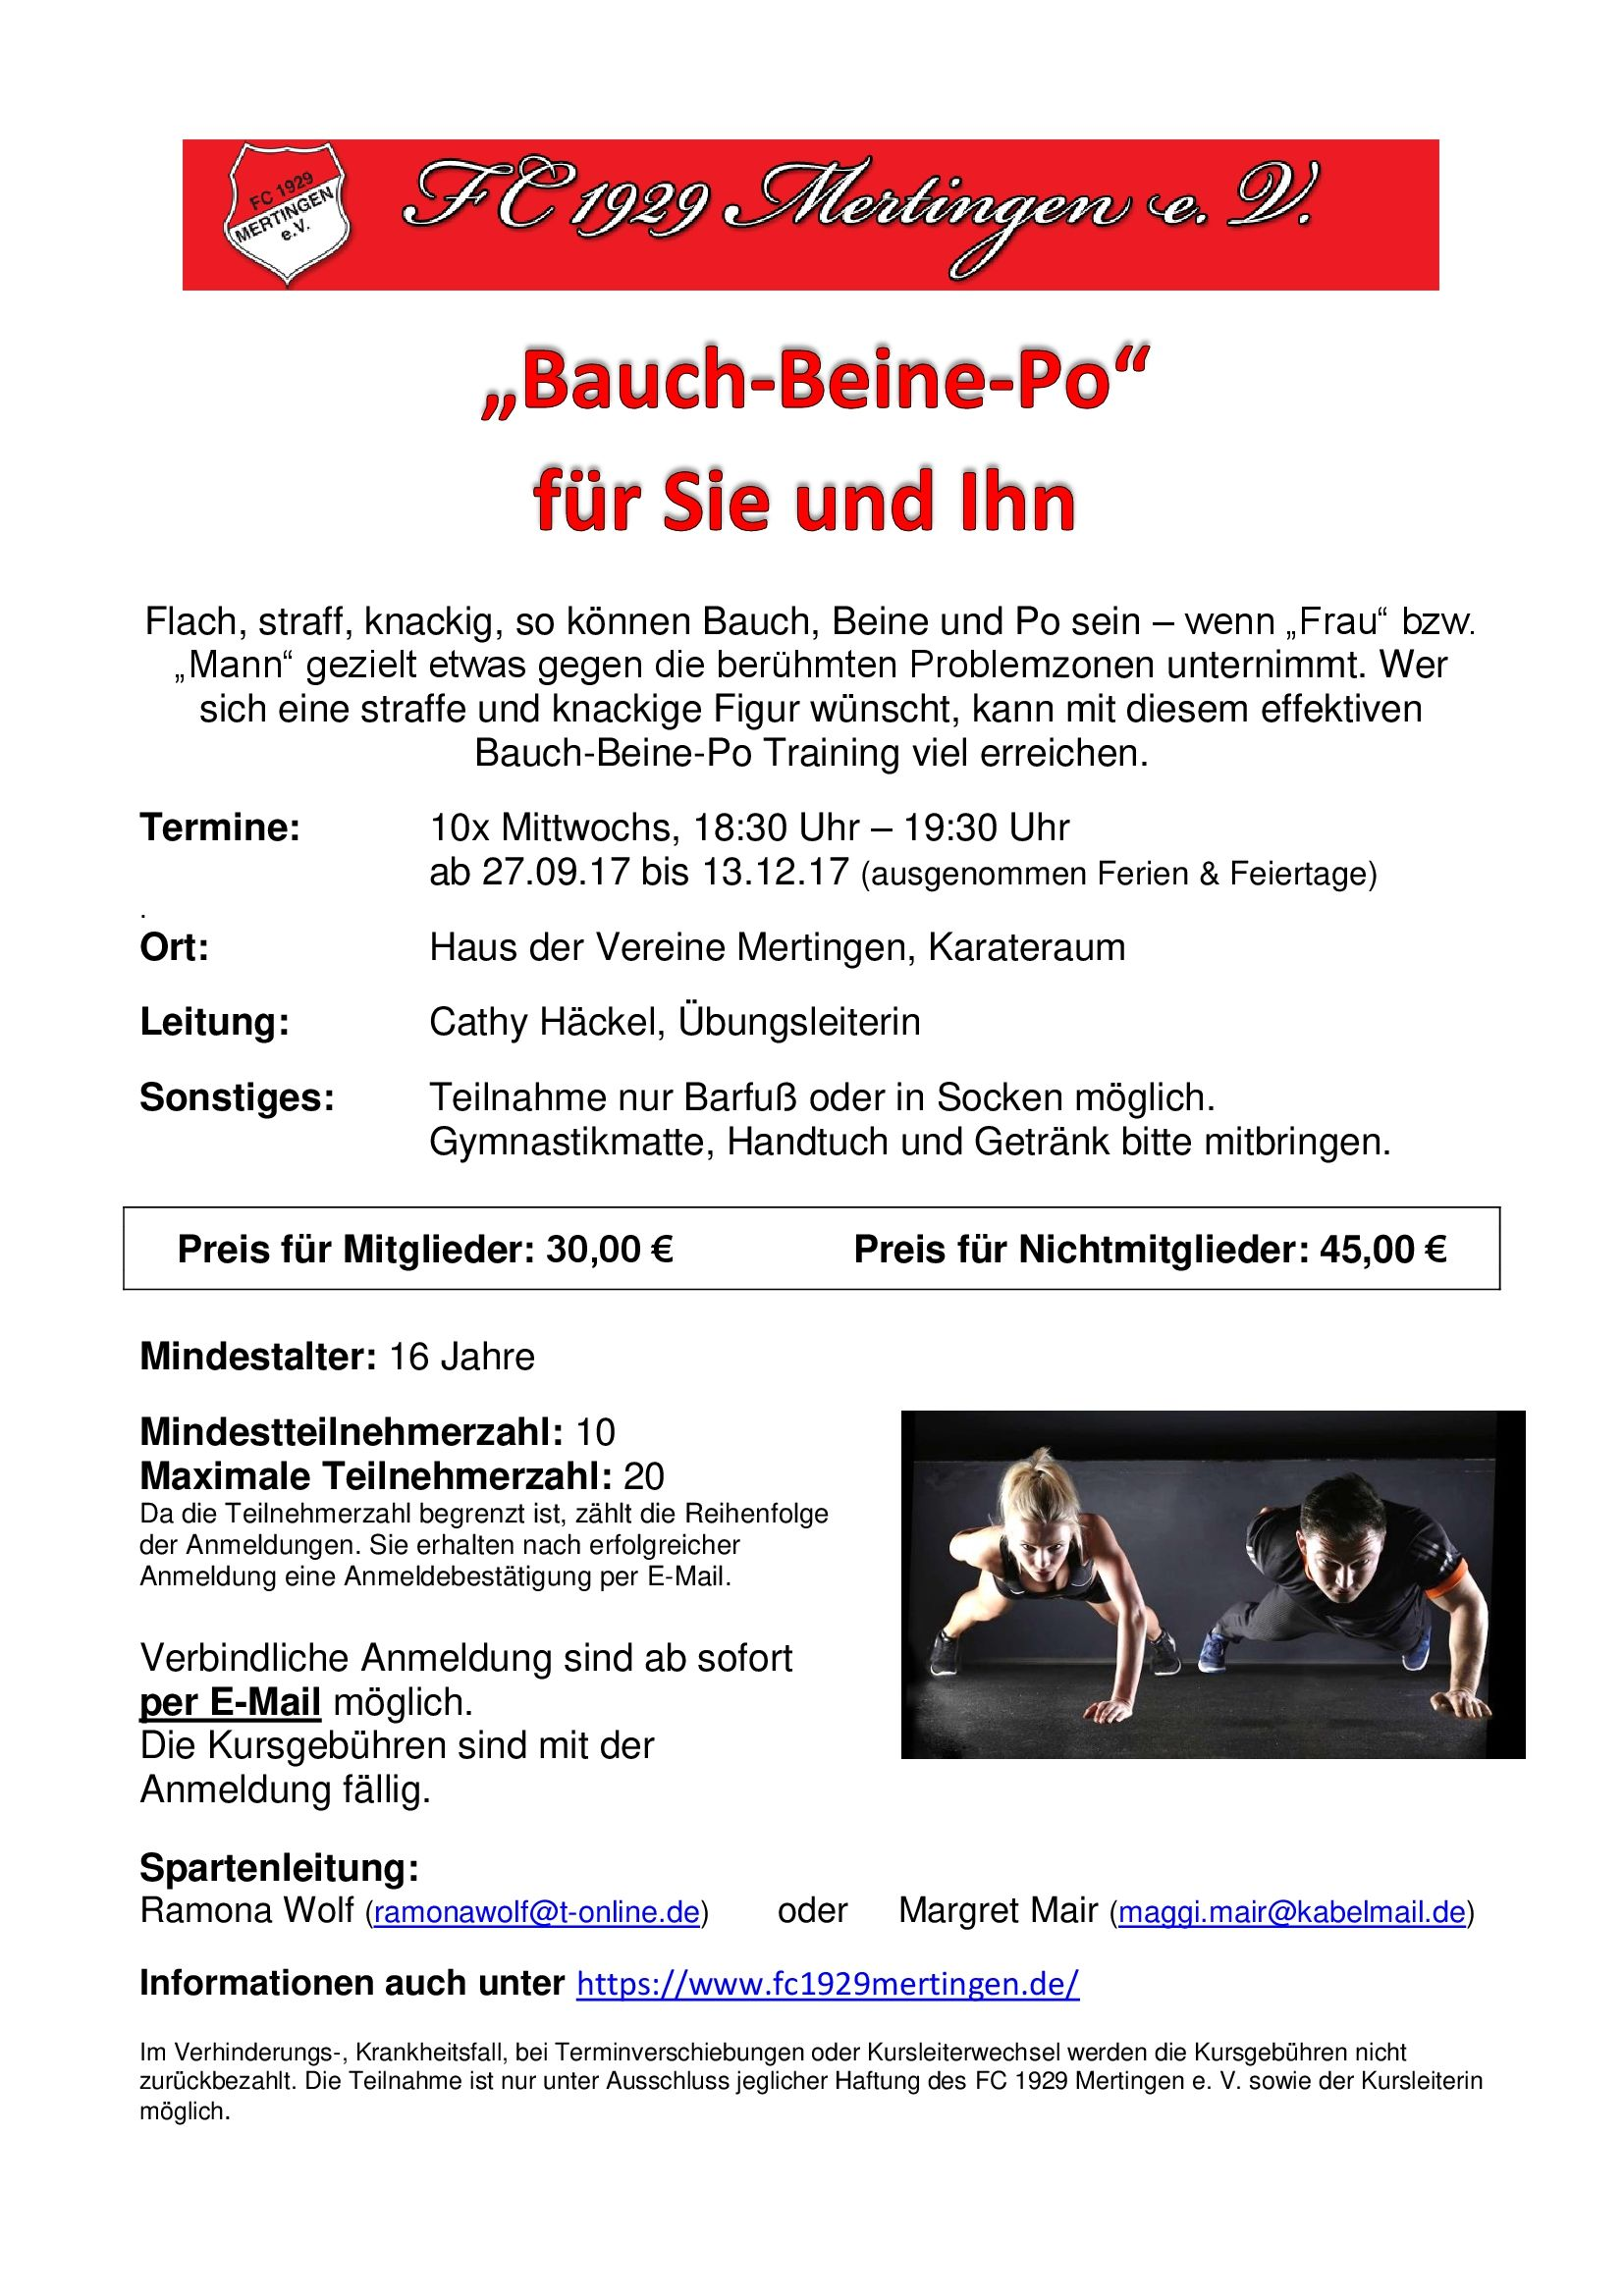 Bauch-Beine-Po FC Mertingen